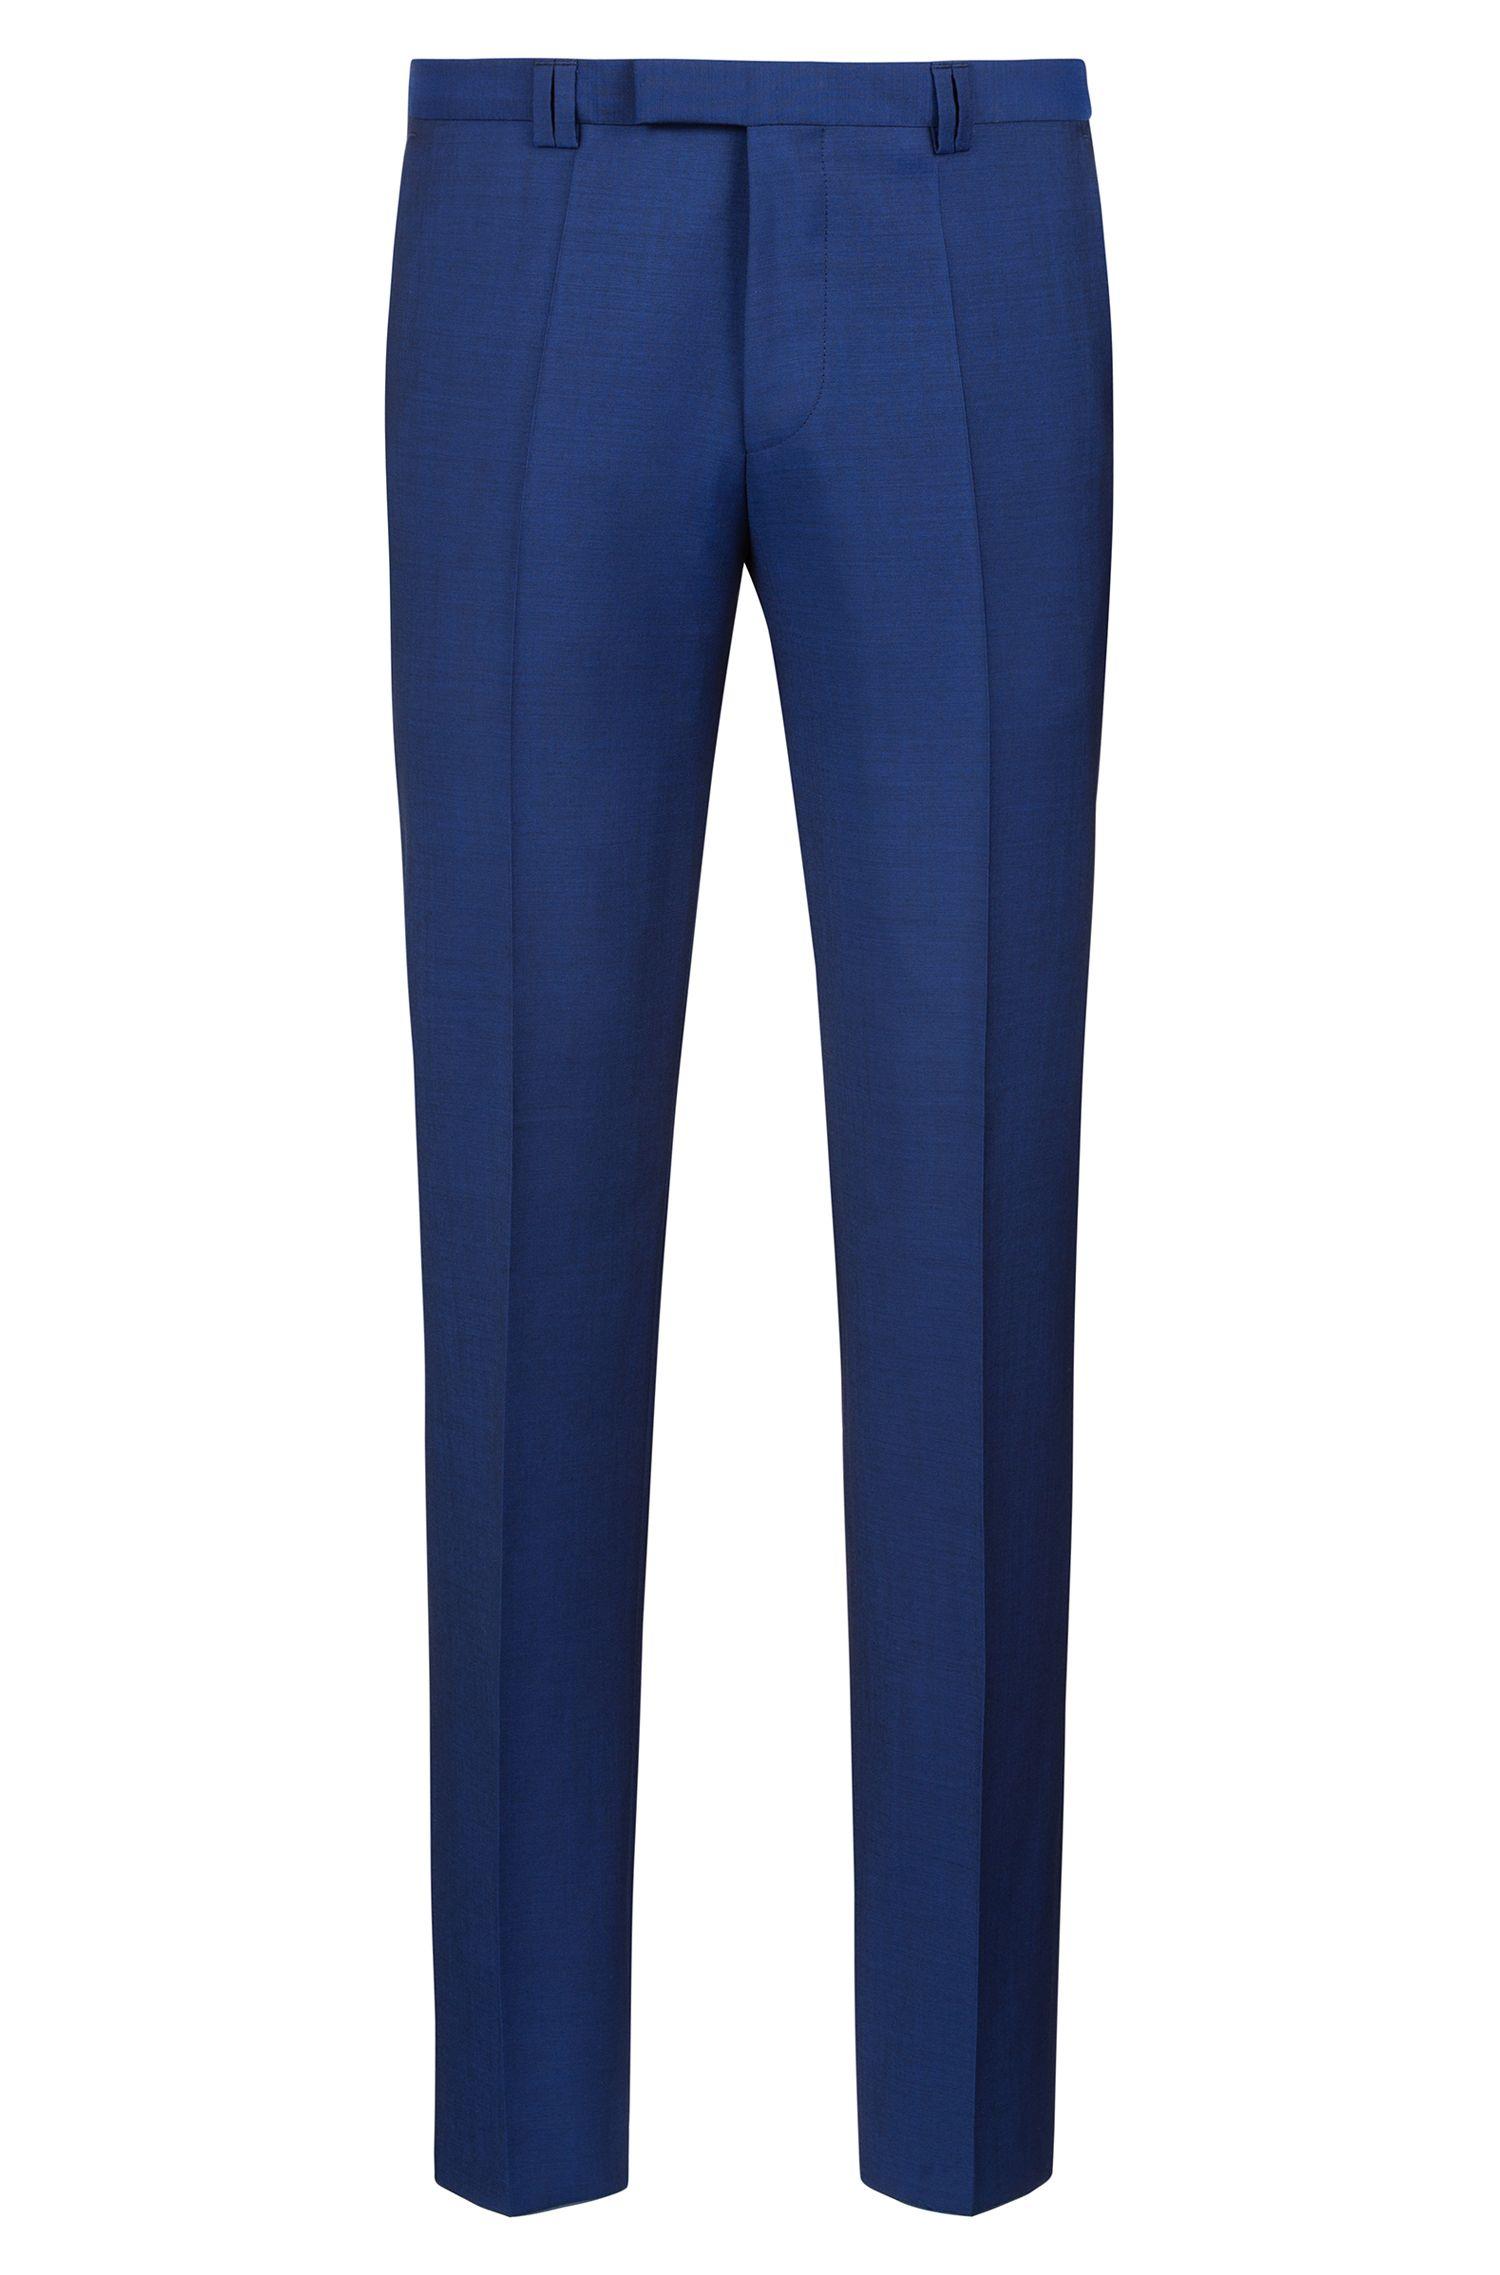 Abito con gilet extra slim fit in lana testurizzata, Blu